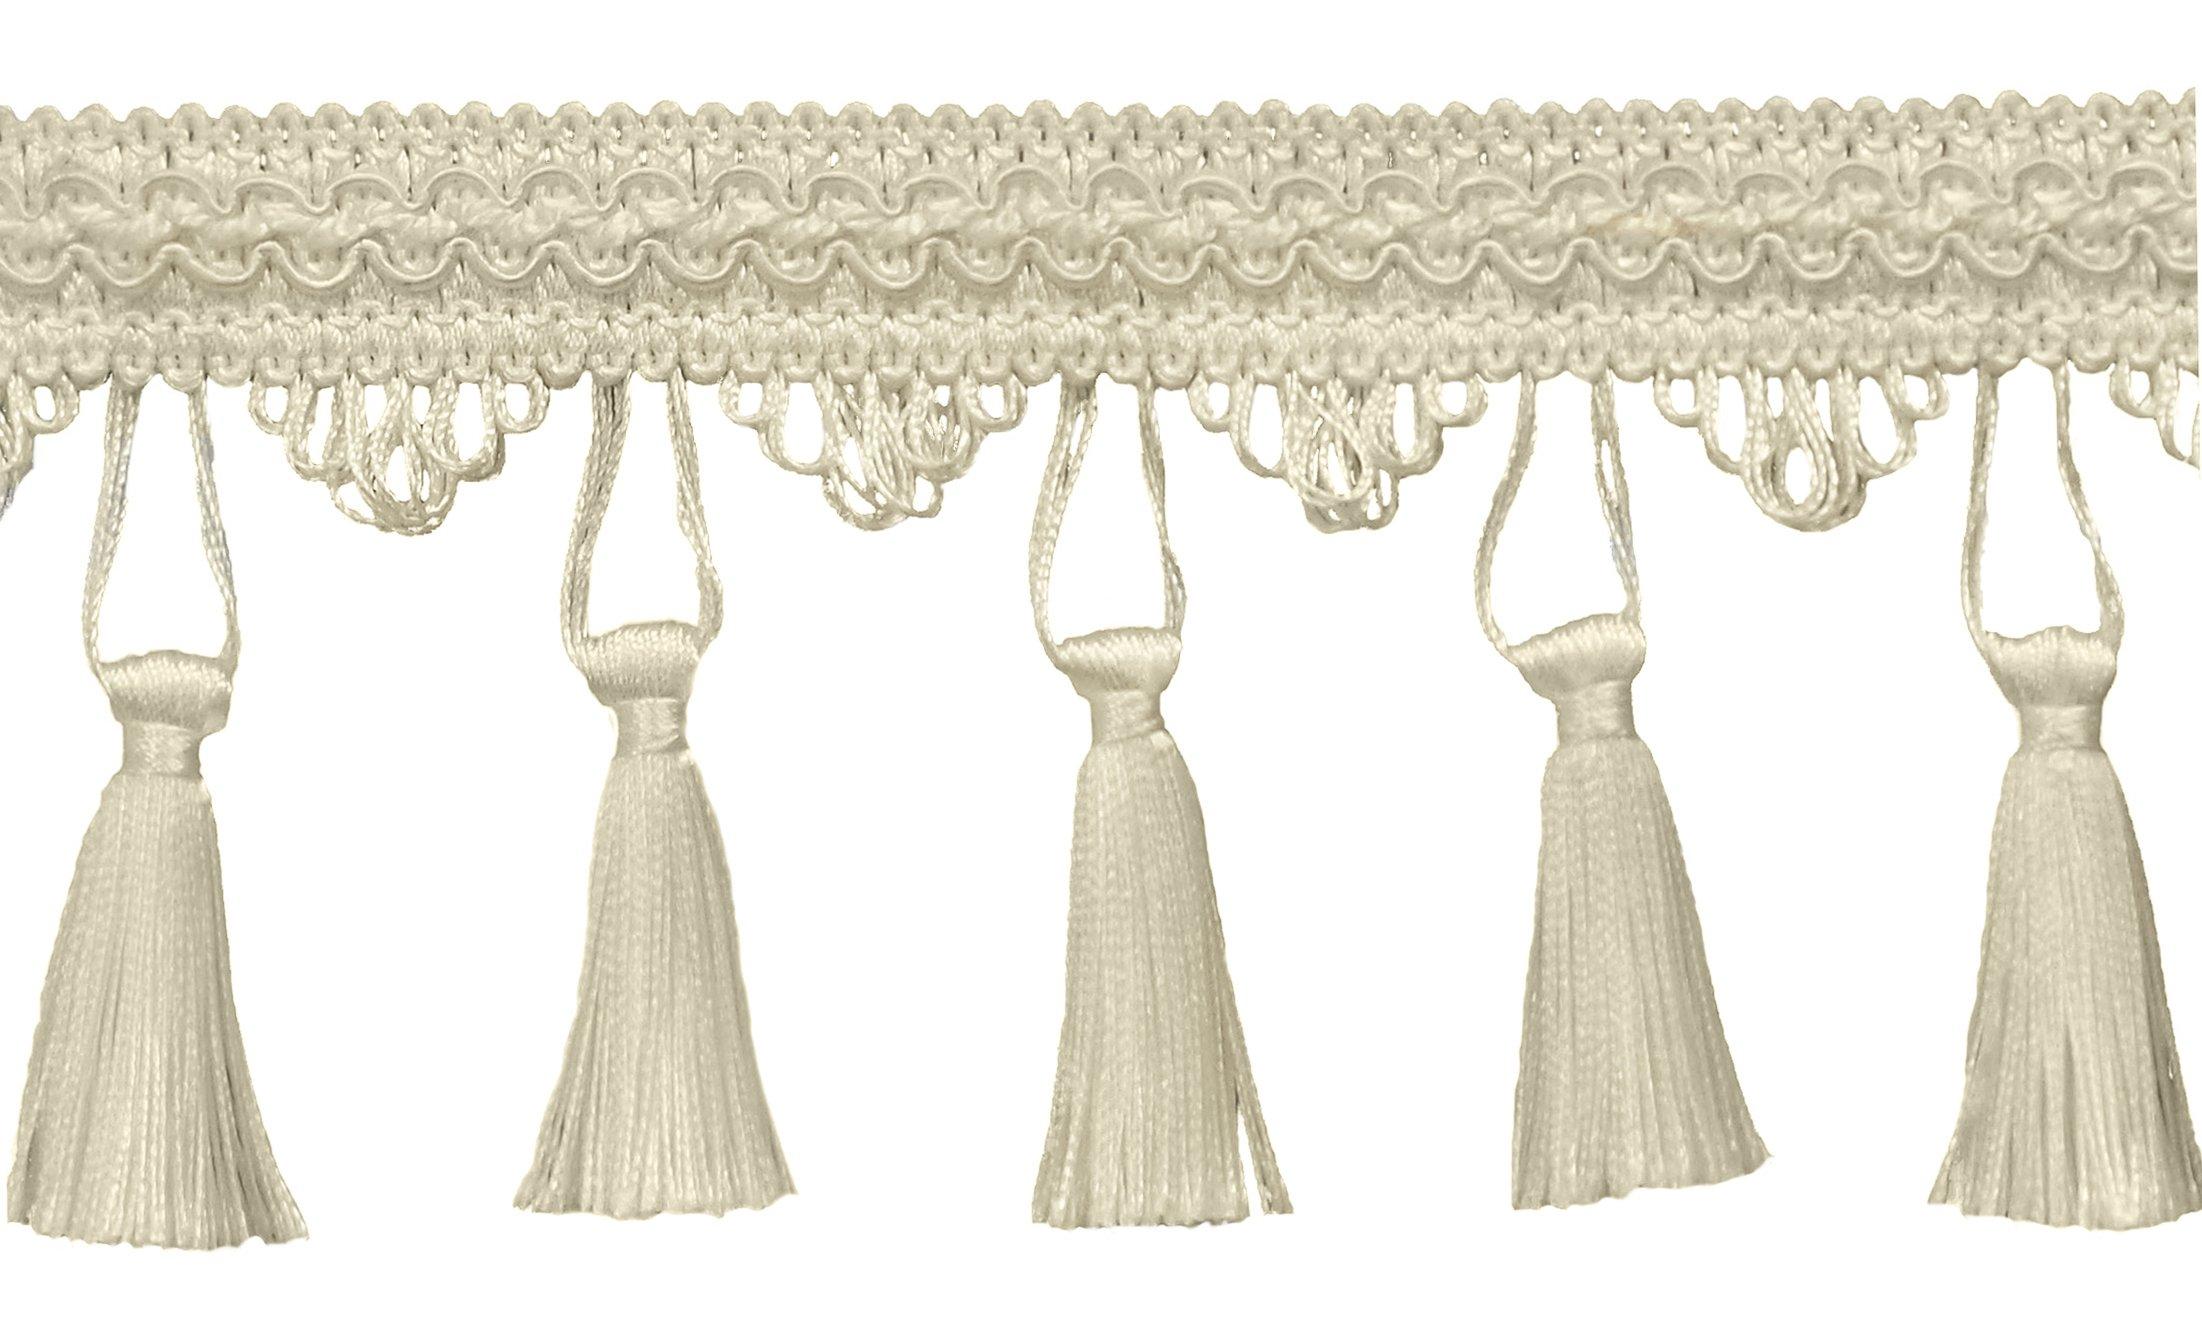 10,2�cm frangia Trim, Style # STF colore: Bianco���A1,, venduto al metro